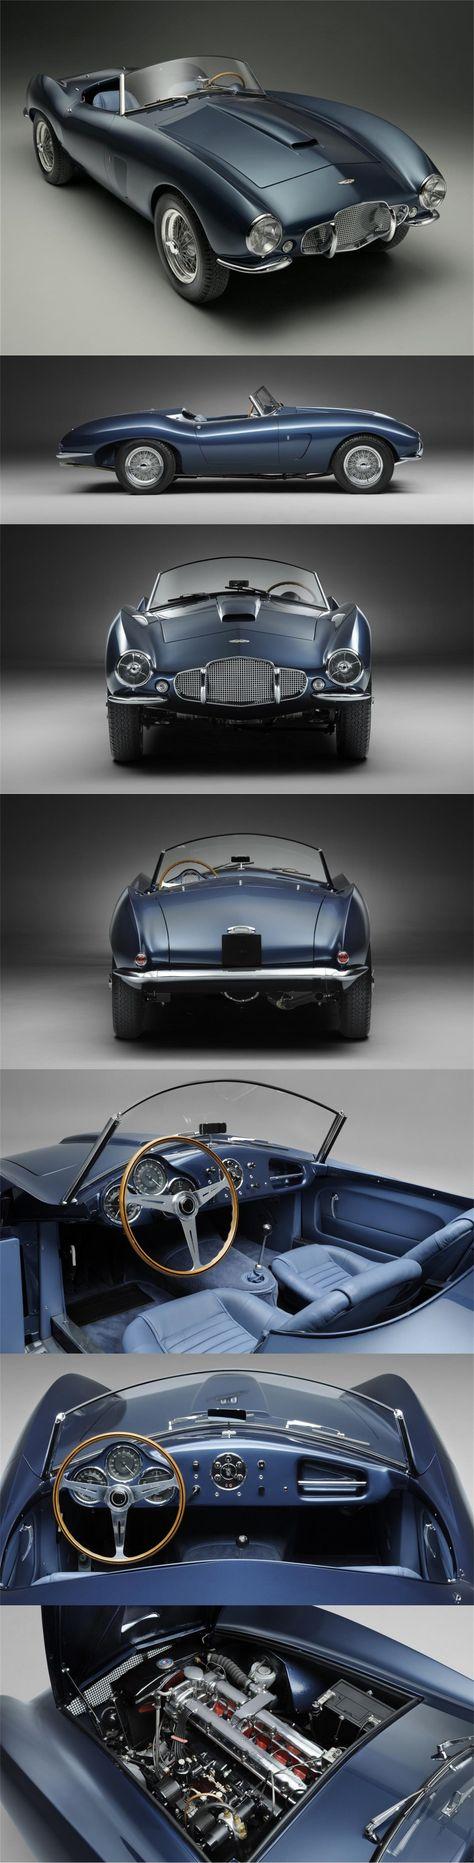 Arnolt-Aston Martin DB2/4 Bertone Spyder LHD (1953) - Este Arnolt-Aston Martin es un automóvil extremadamente raro que es uno de los primeros seis originales DB2 / 4 LHD. El automóvil se completó a fines de 1953 y, como resultado, el motor original de 2.6 litros fue reemplazado por una unidad más nueva de 3.0 litros en la fábrica antes de ser enviado a Italia.